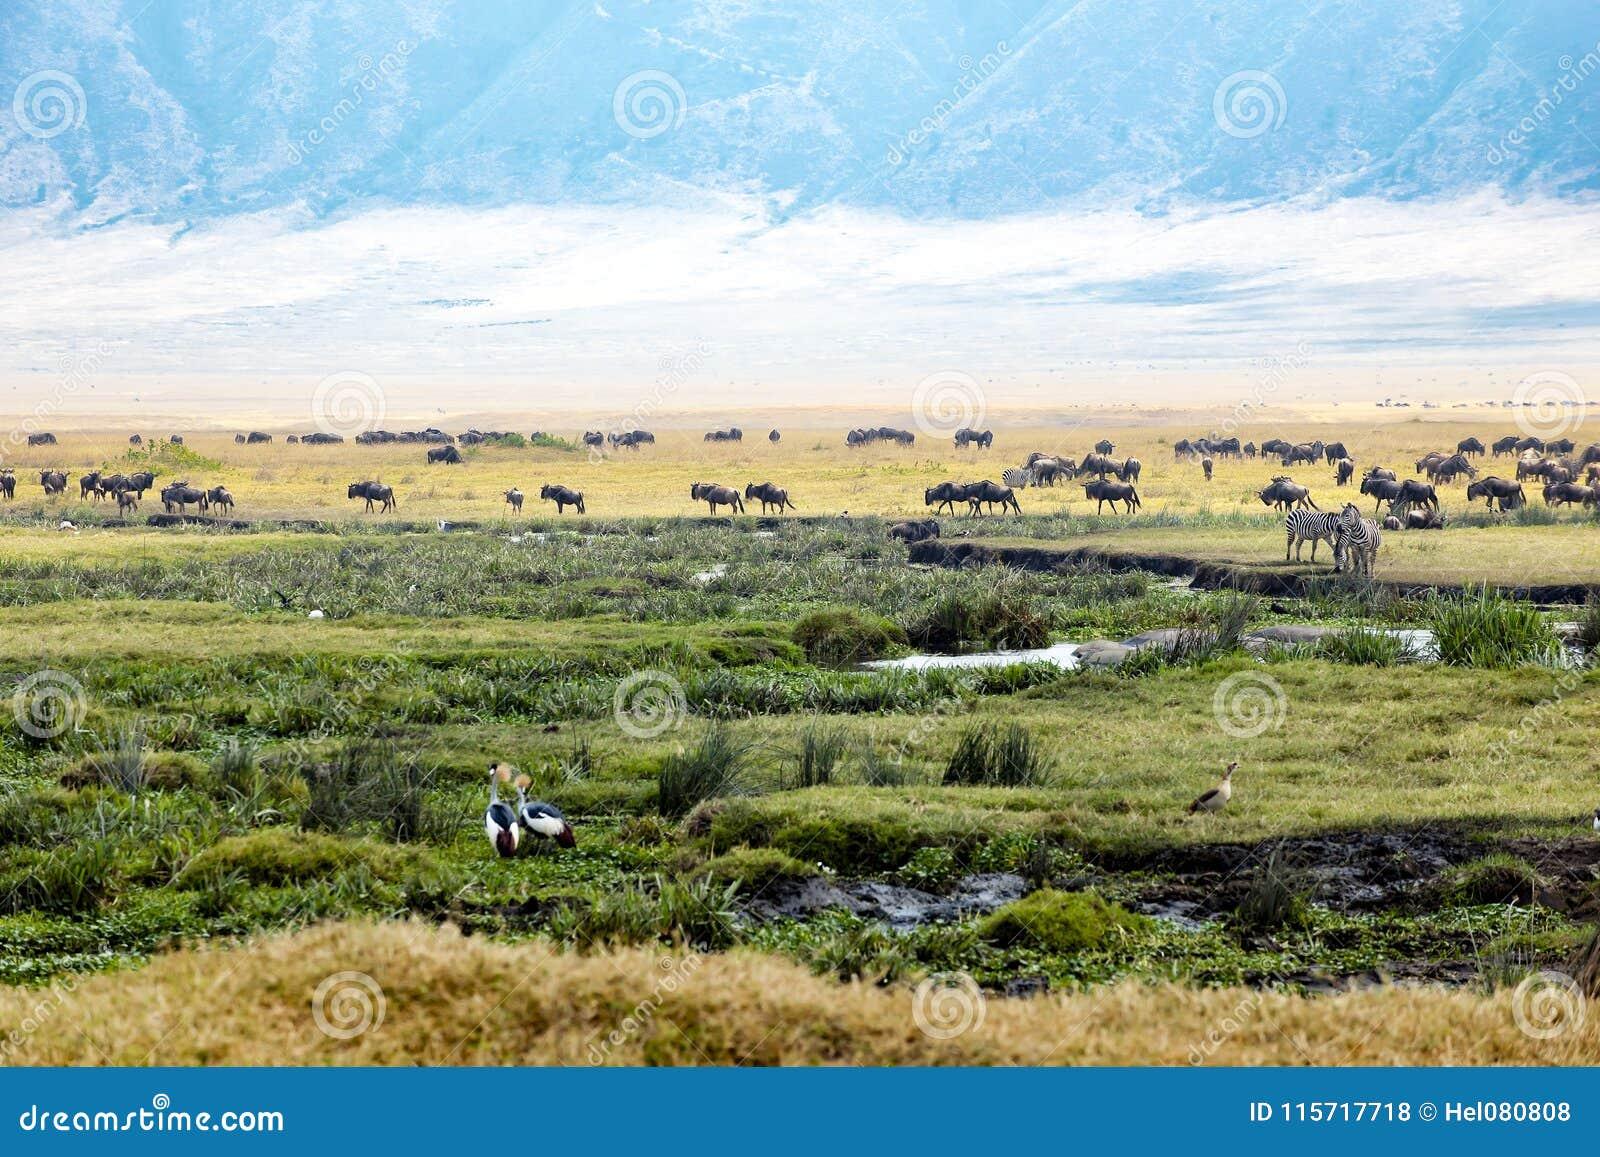 斑马,牛羚,河马,在一起Ngorongoro火山口非洲动物的鸟